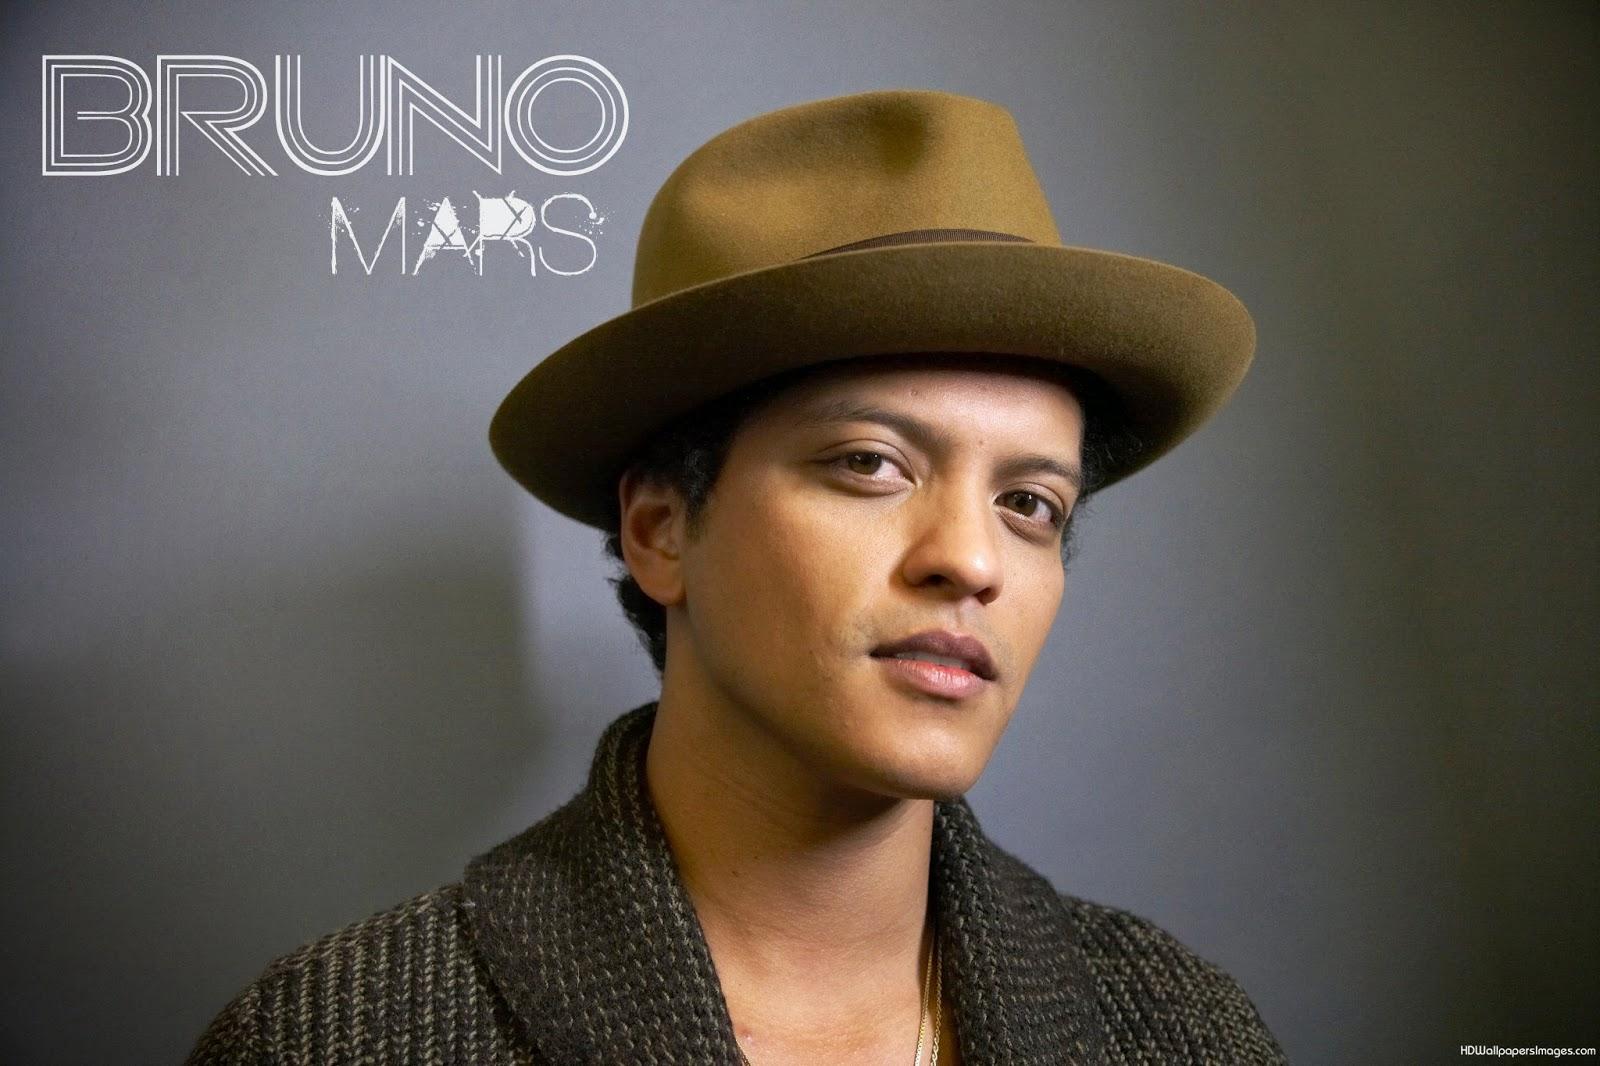 Bruno mars gorilla album newhairstylesformen2014 com